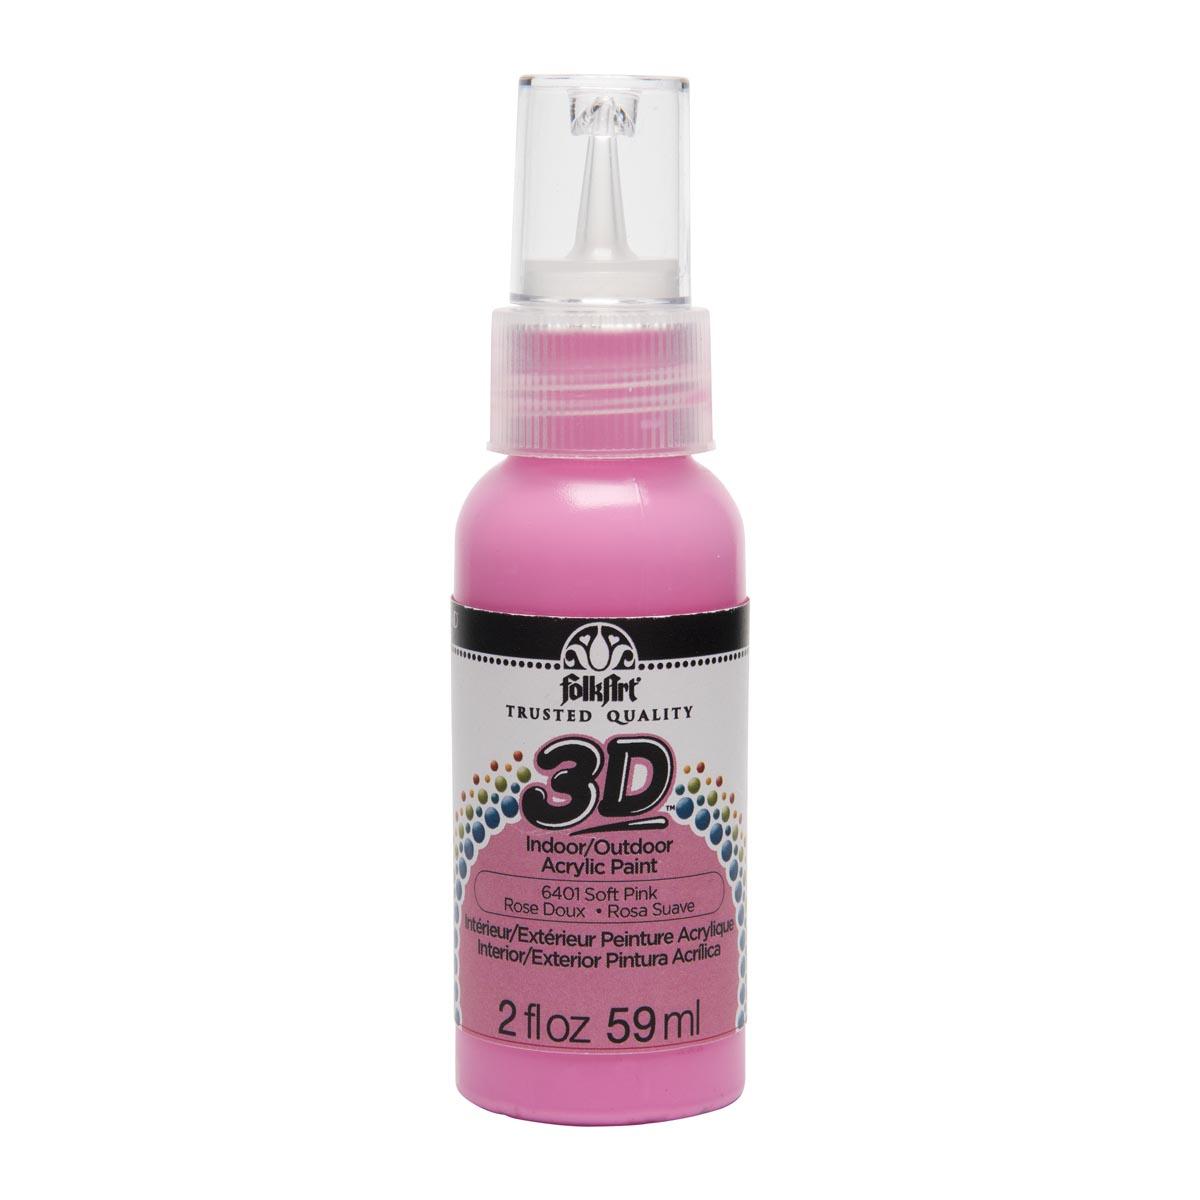 FolkArt ® 3D™ Acrylic Paint - Soft Pink, 2 oz.